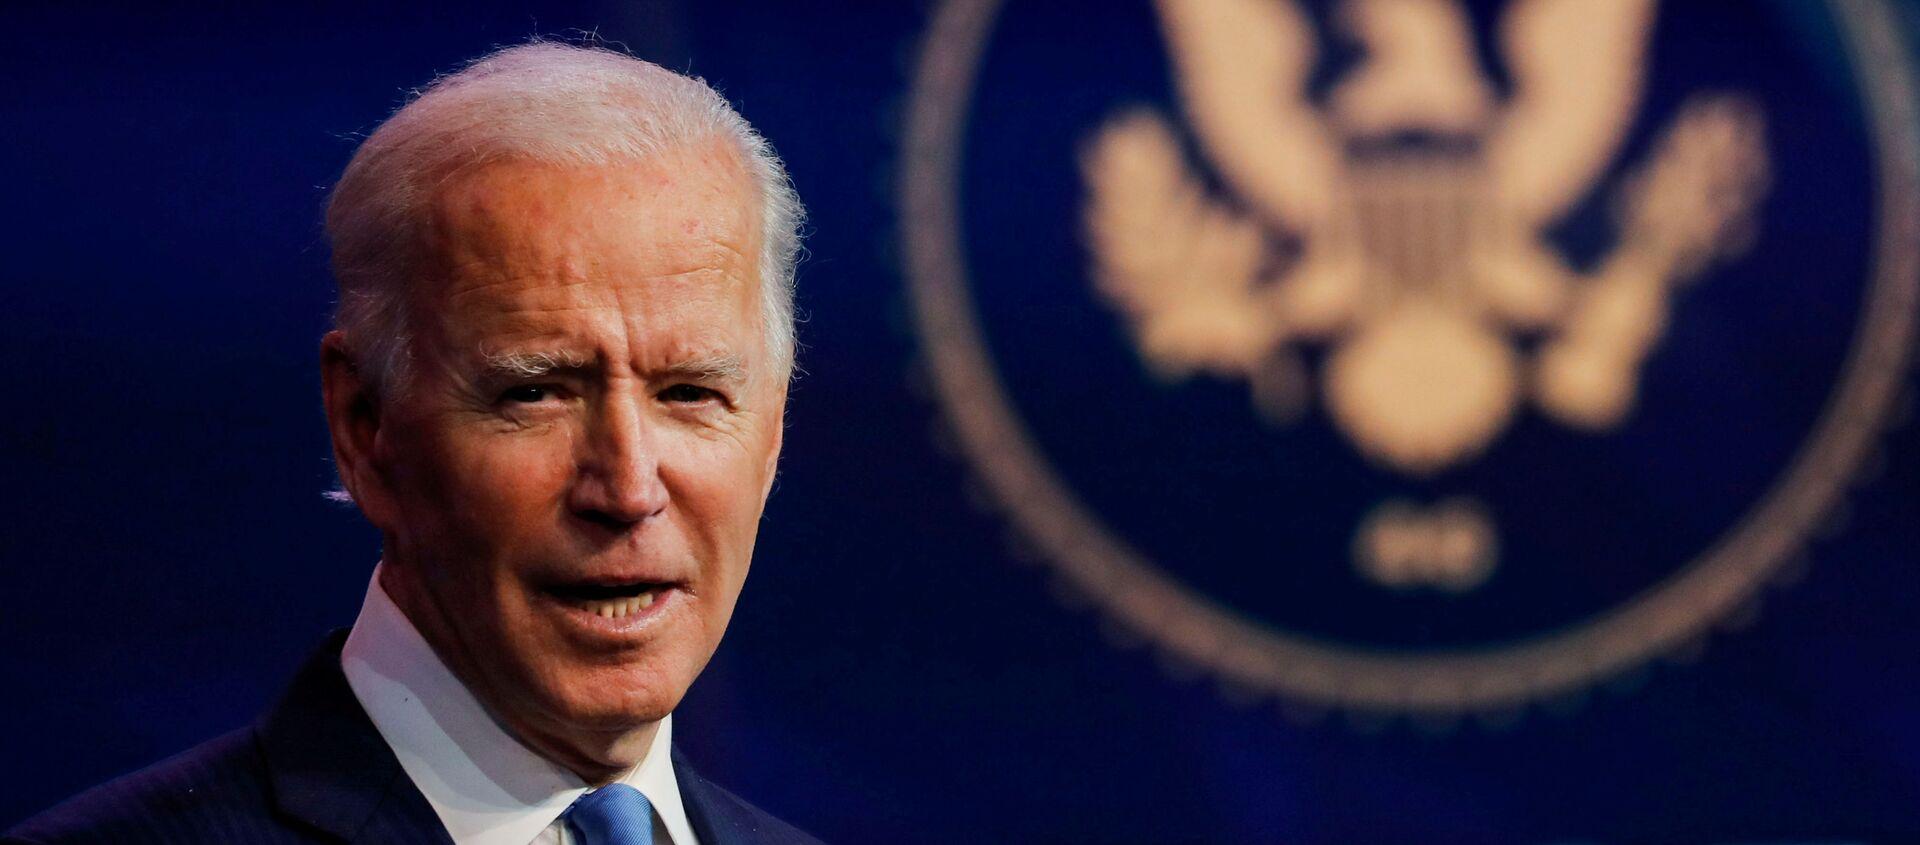 Joe Biden, presidente electo de EEUU - Sputnik Mundo, 1920, 28.12.2020